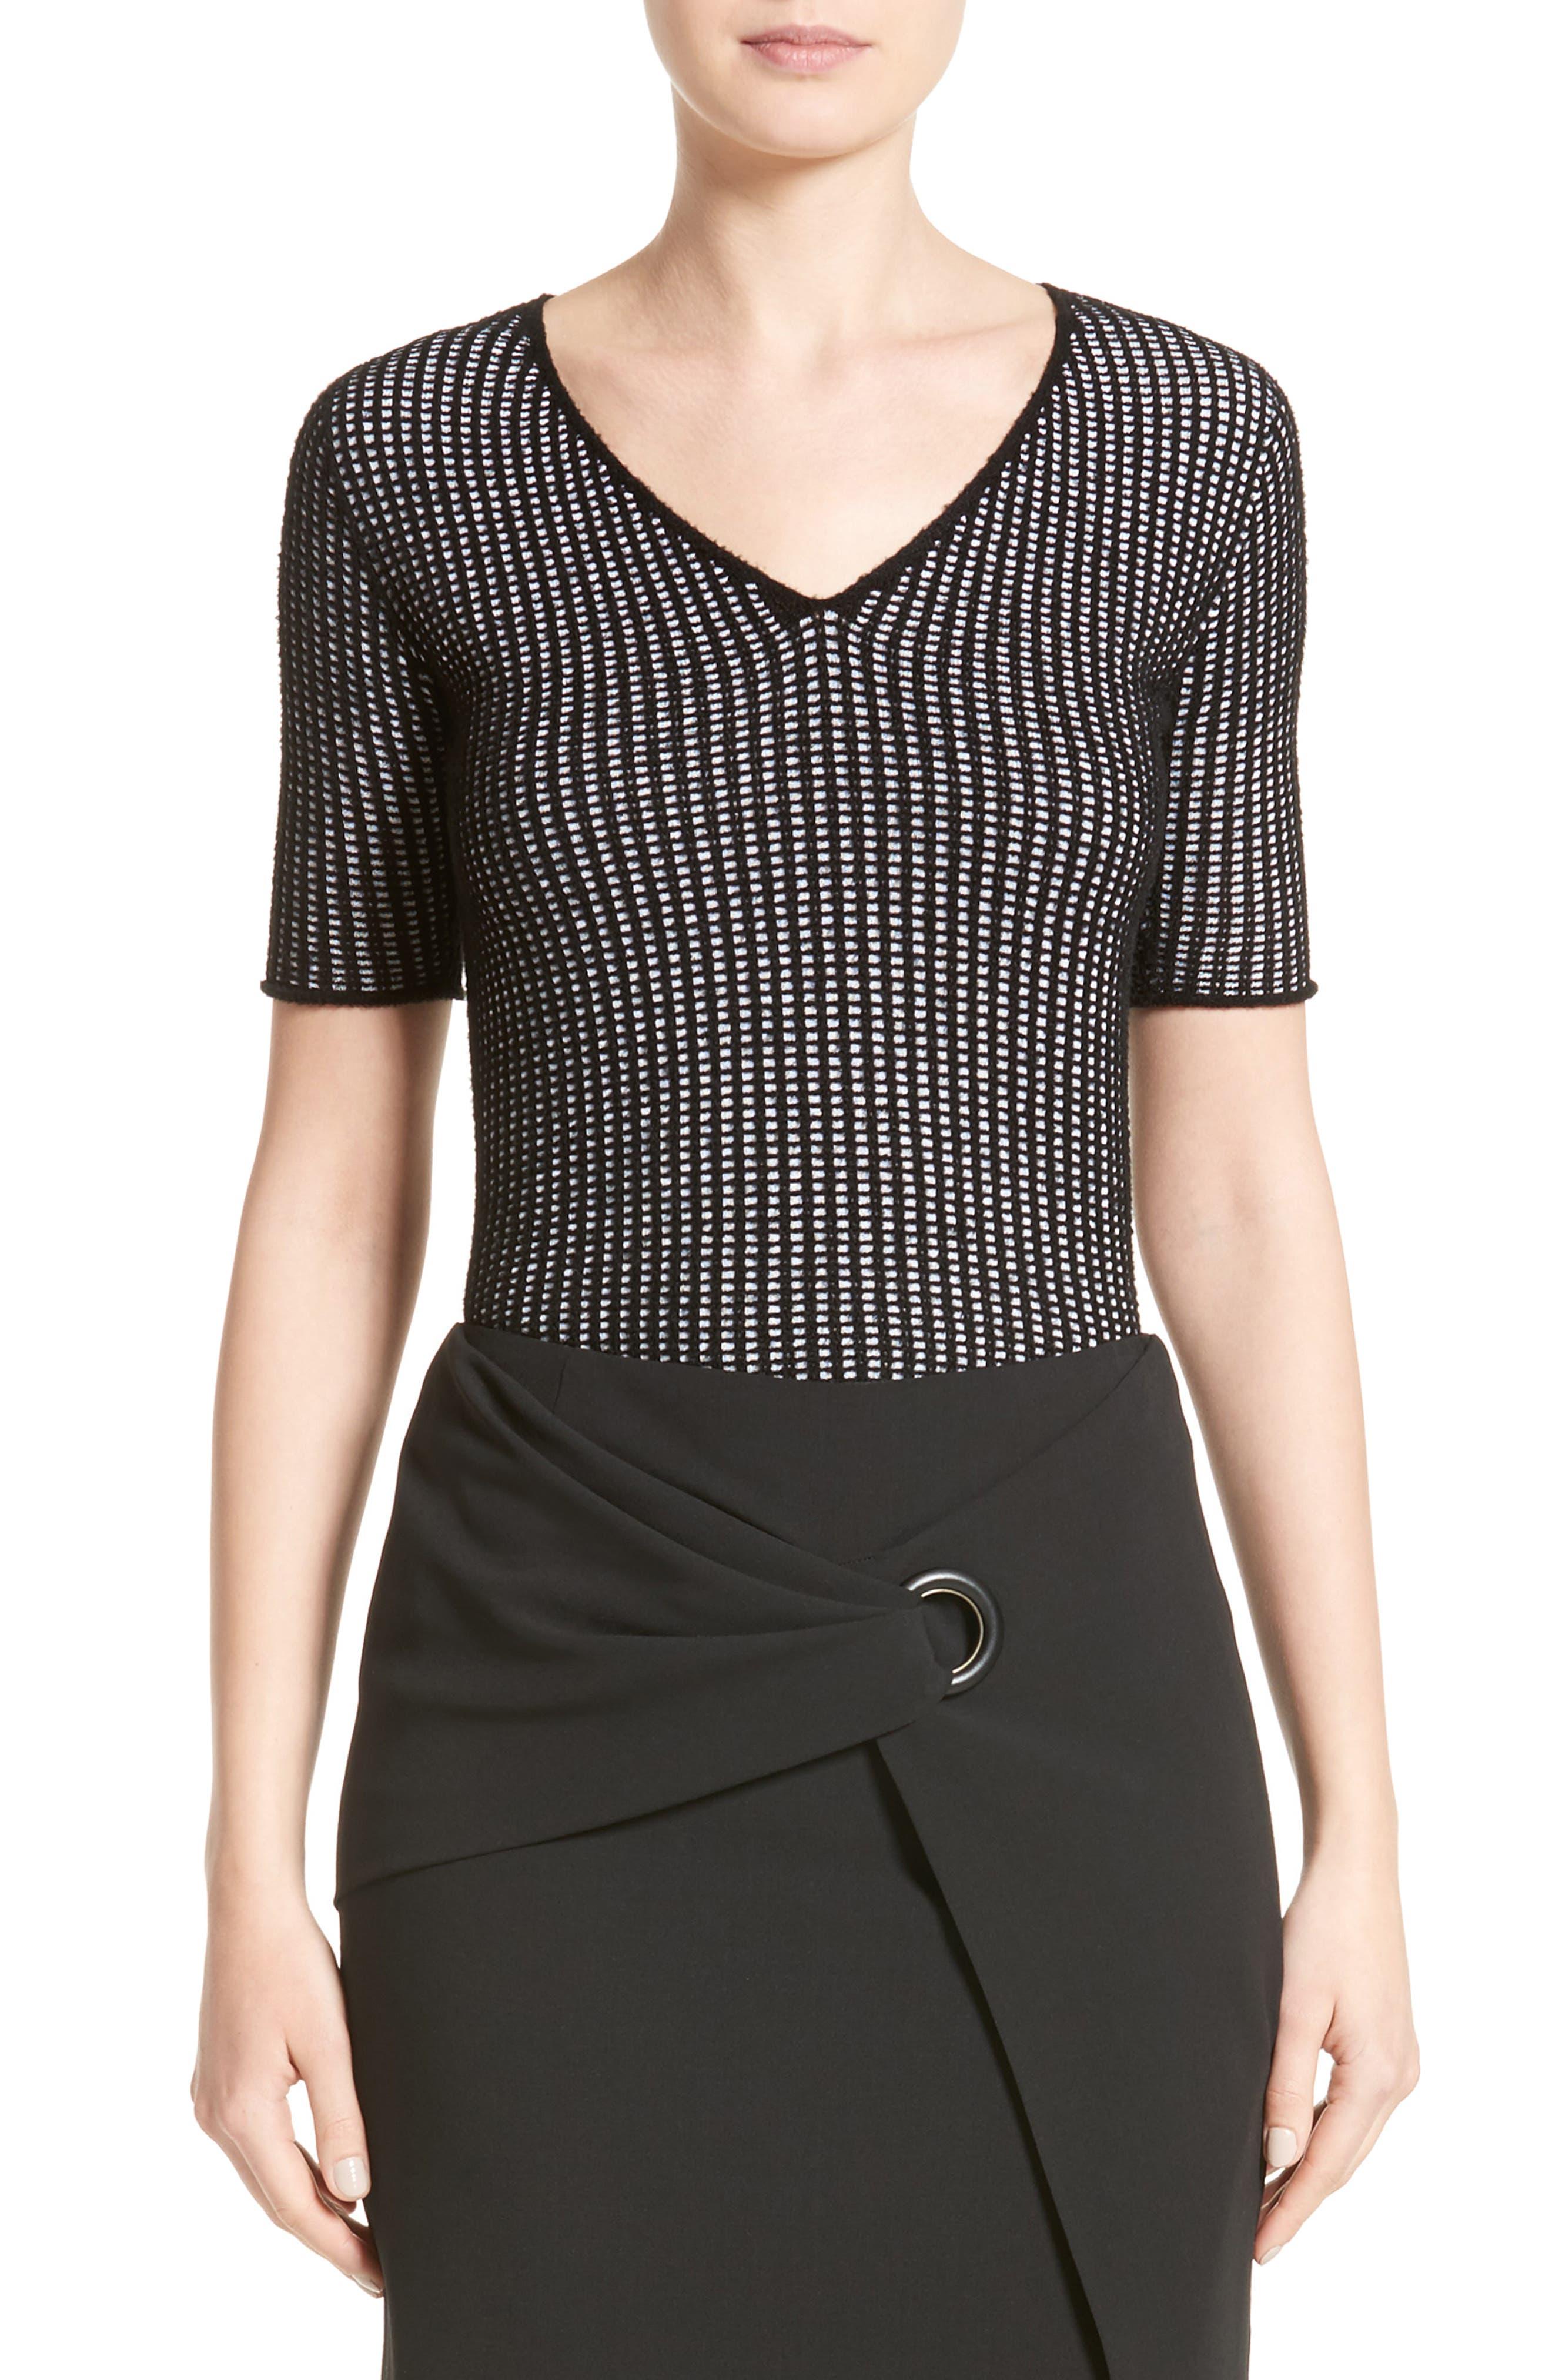 Main Image - Armani Collezioni Check Jacquard Sweater